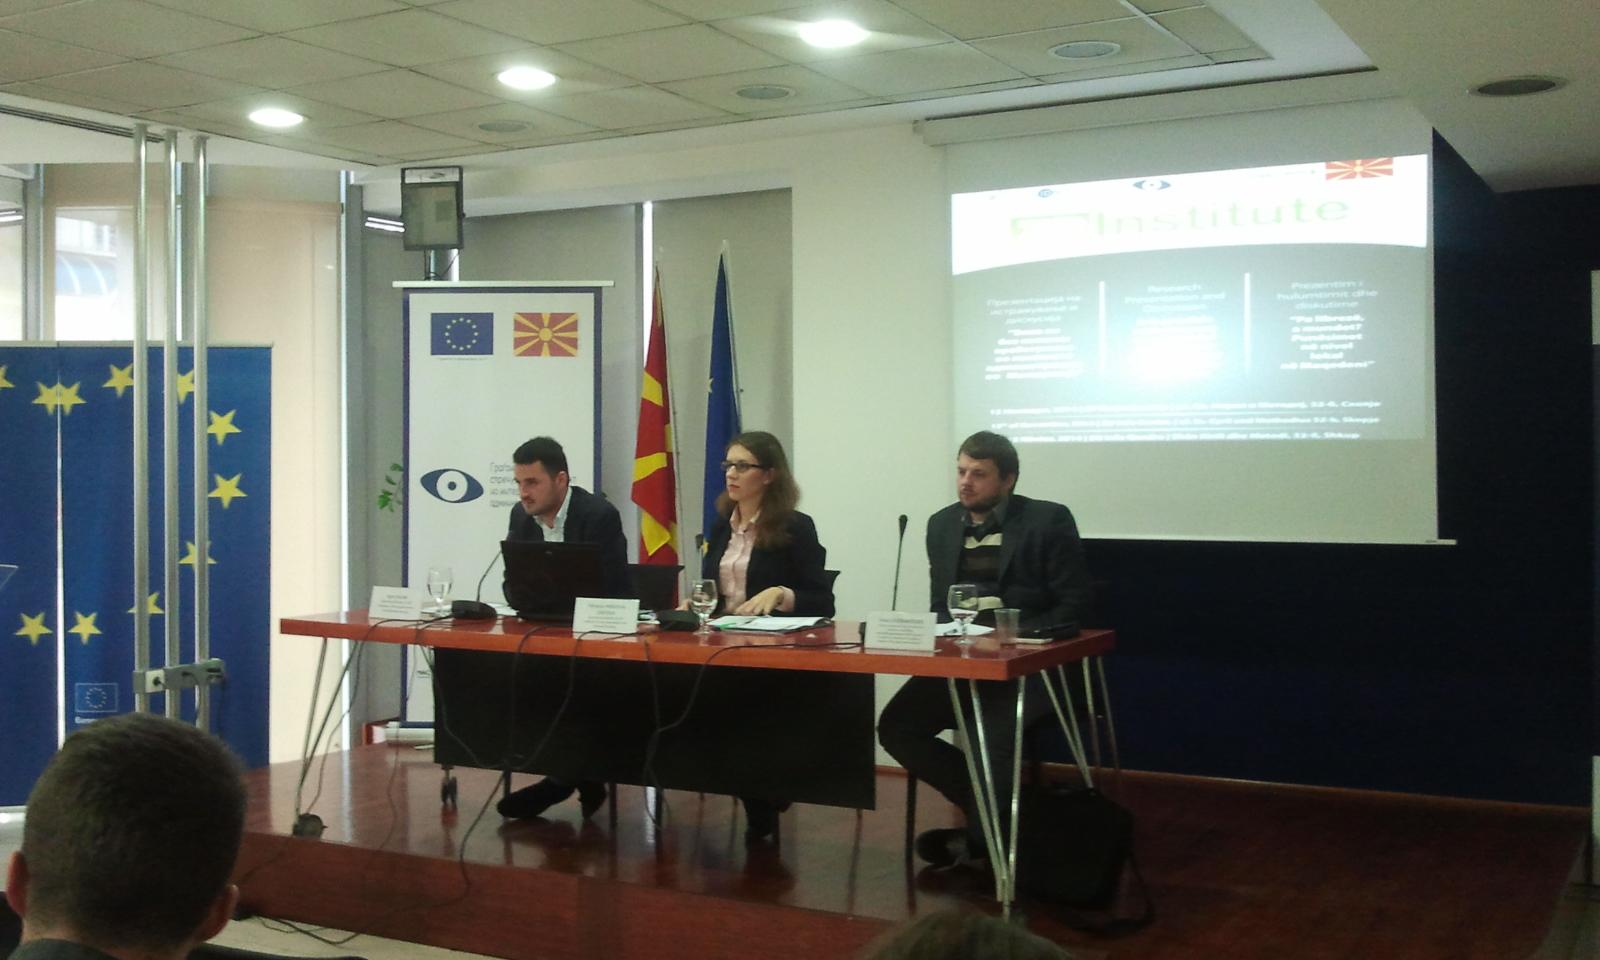 """Истражувањето """"Бива ли без книшка: вработувања во локалната администрација во Македонија"""" го спорведе ЗИП Институт за локална самоуправа и неформално образование"""